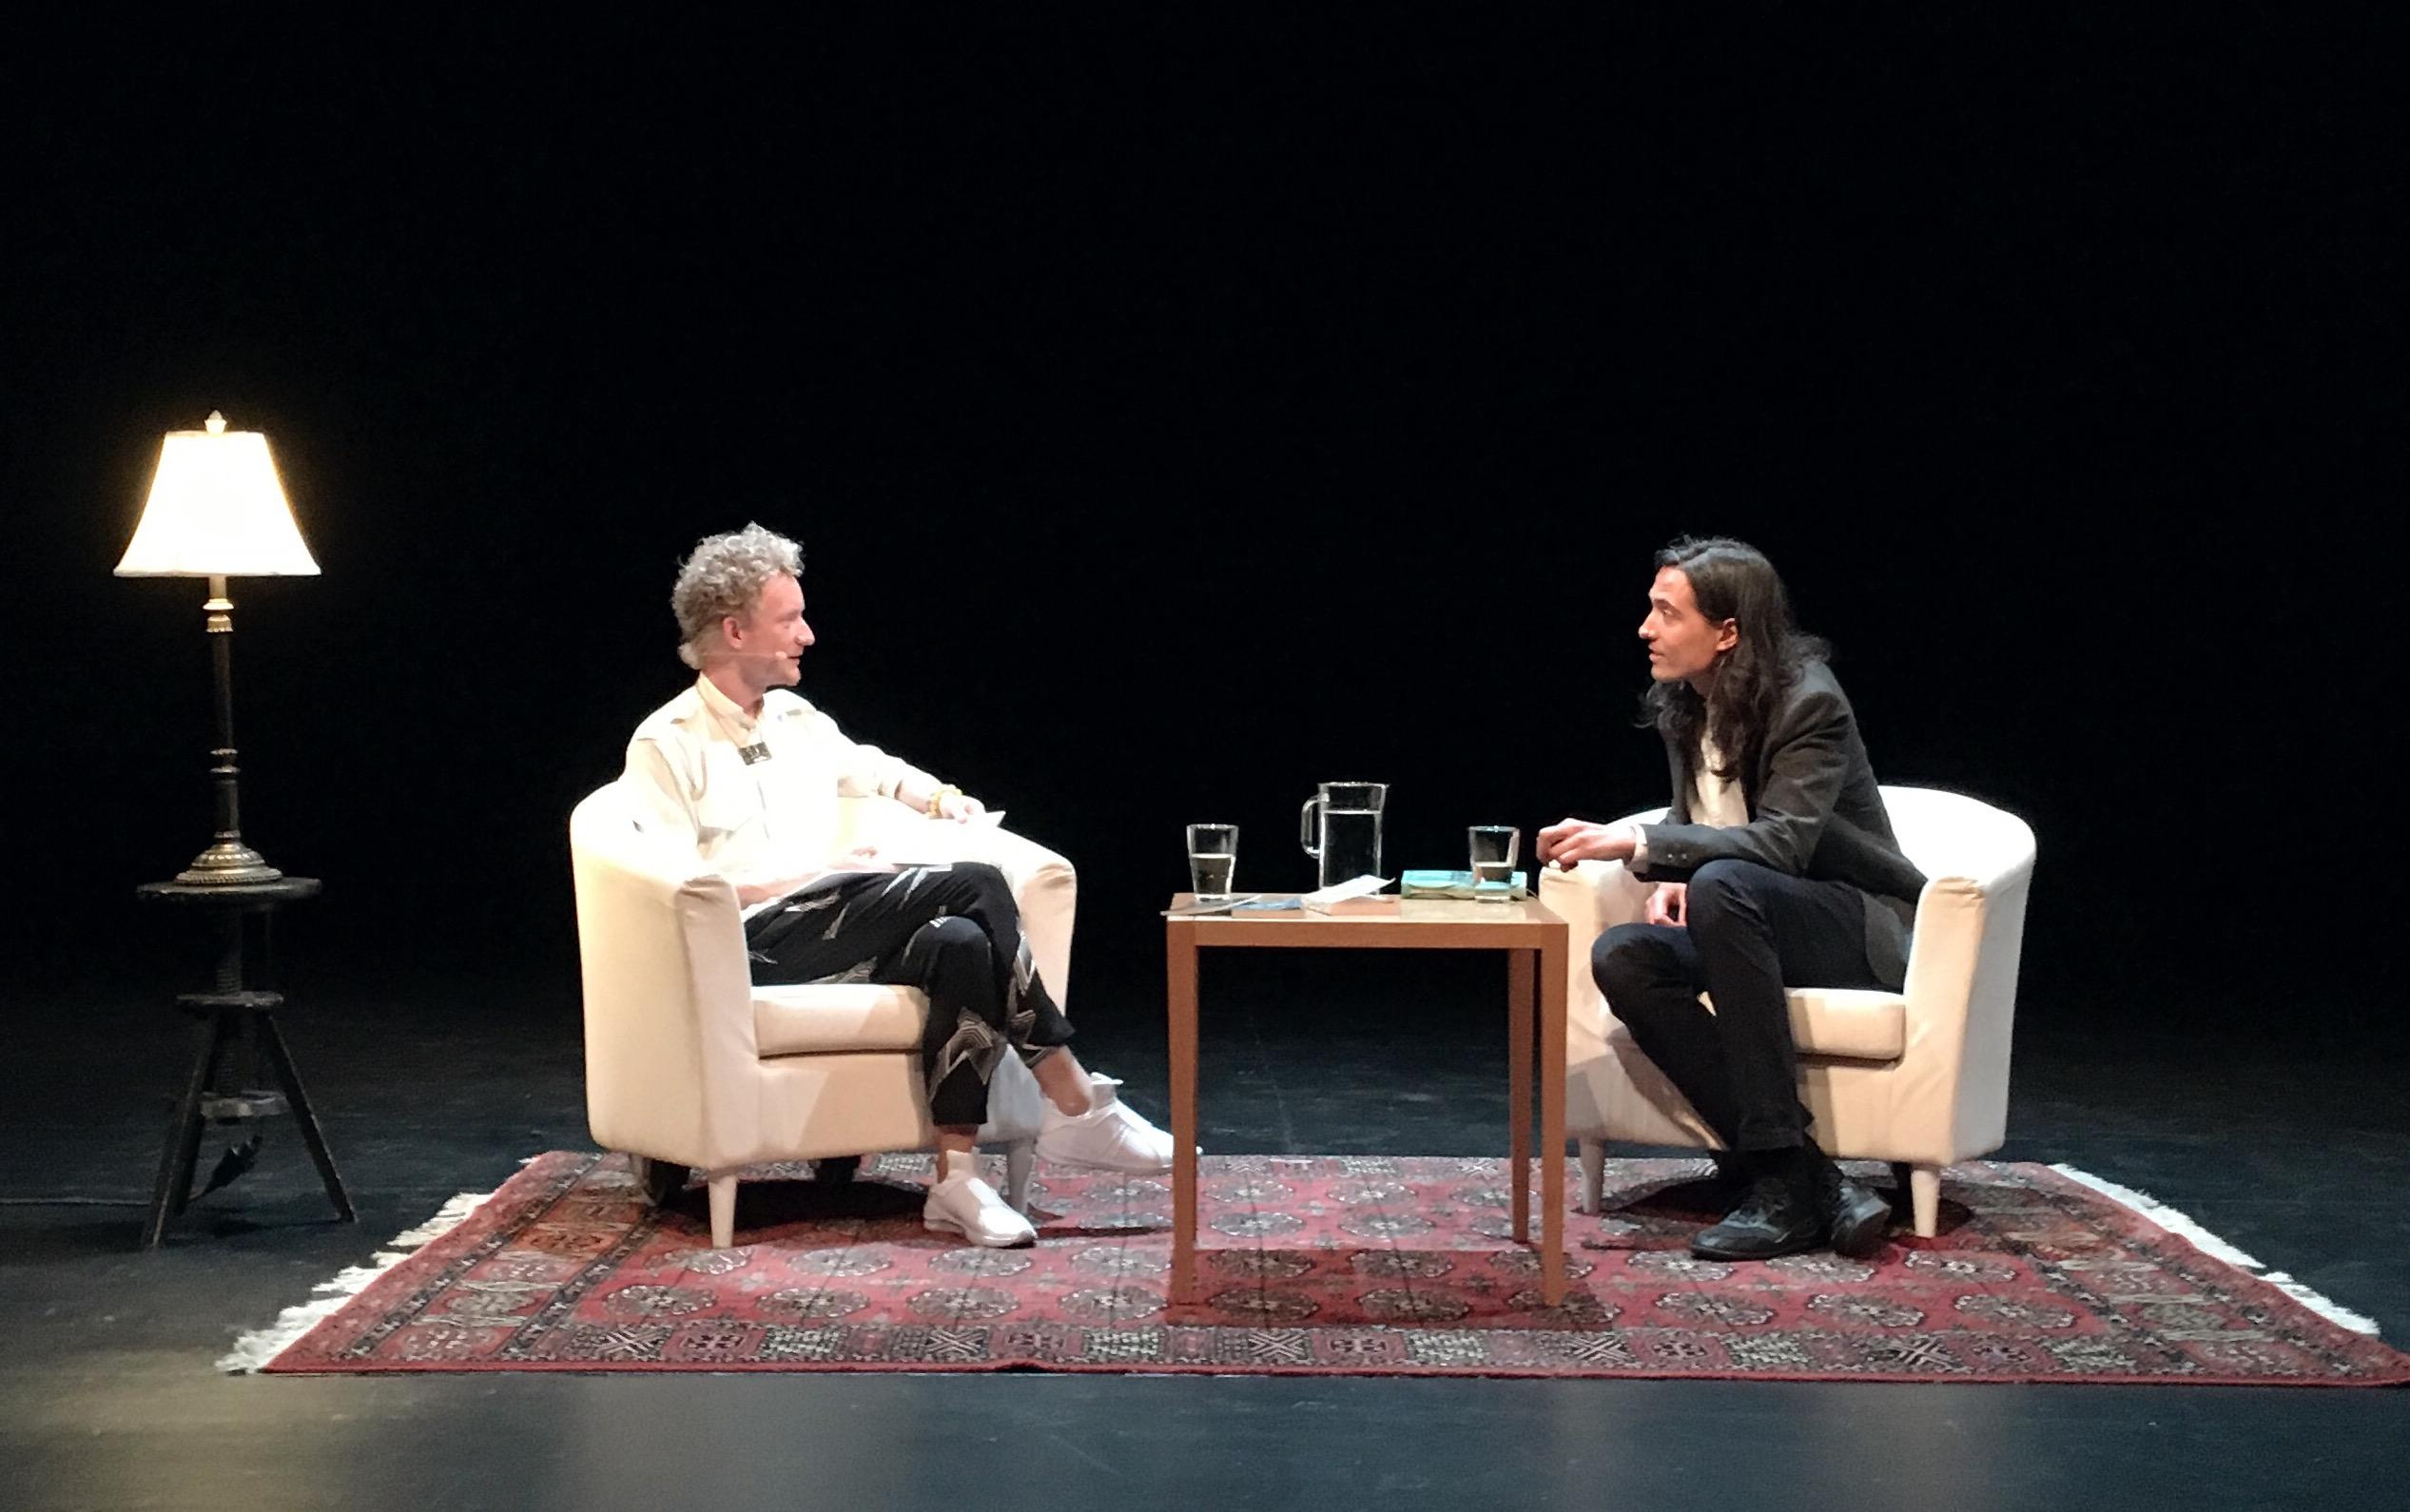 Simon och Jonas på scen i djupt samtal